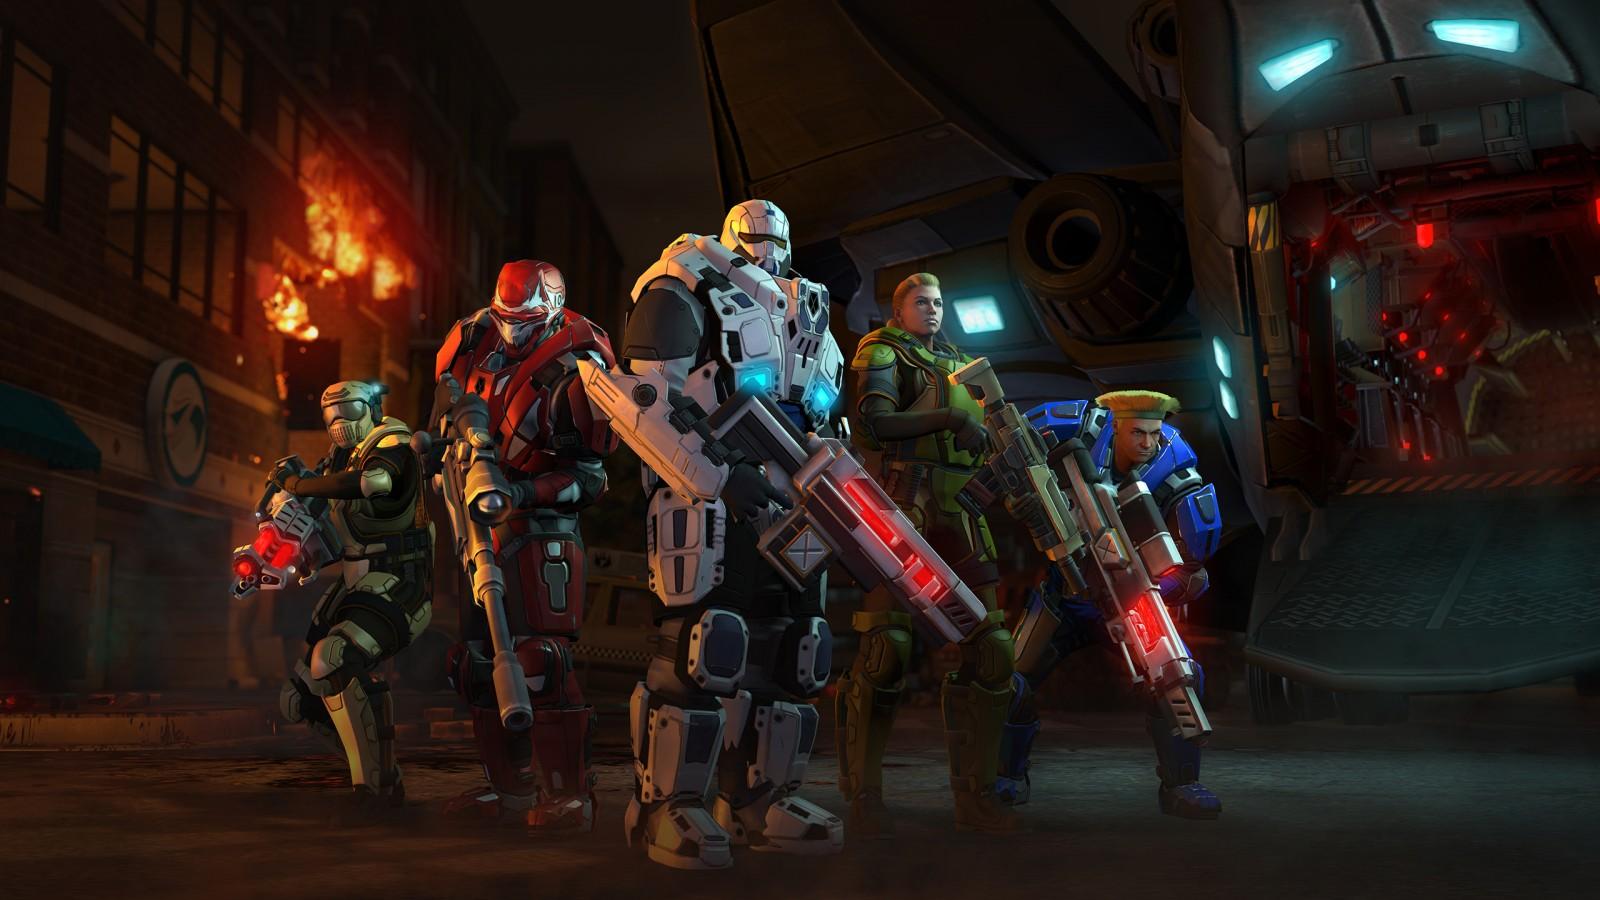 Elite Soldier Pack